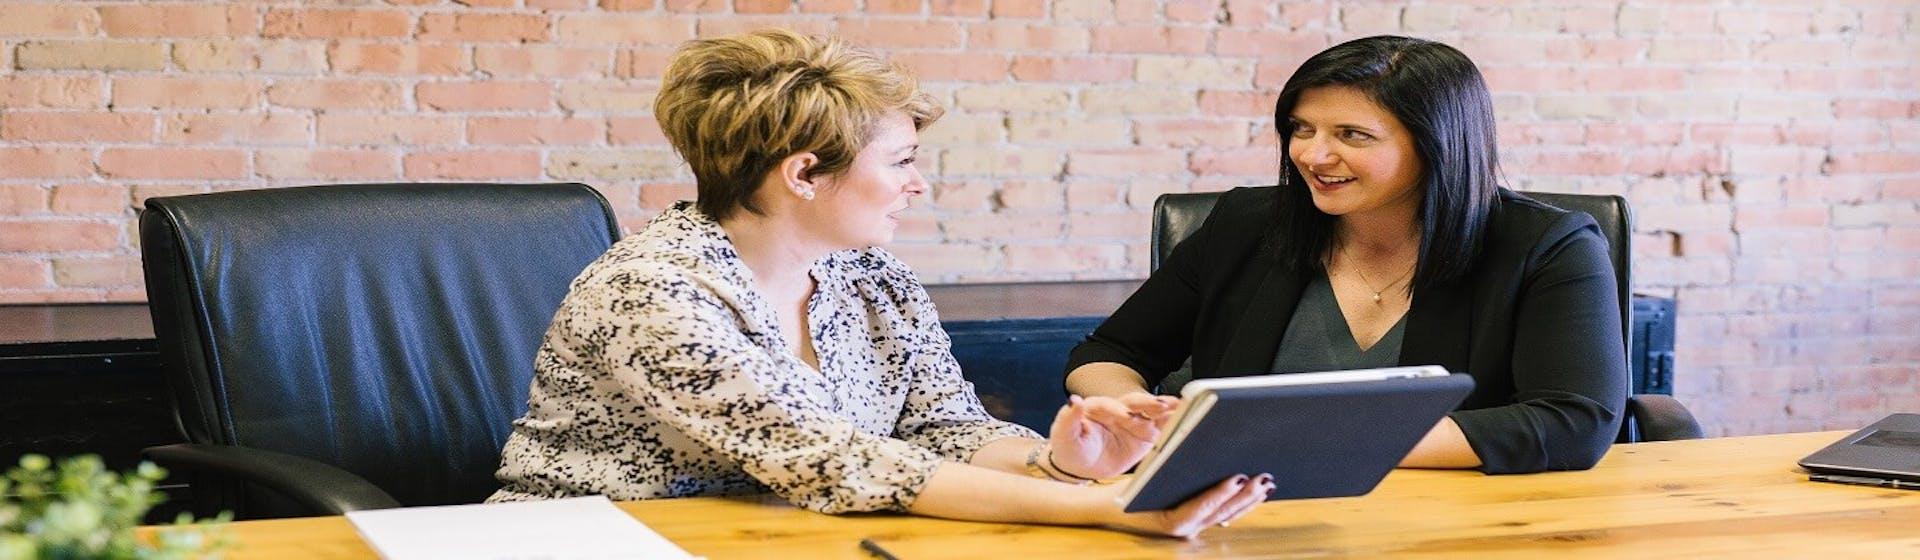 Bienestar laboral: Crea la mejor estrategia de wellness empresarial en 2021